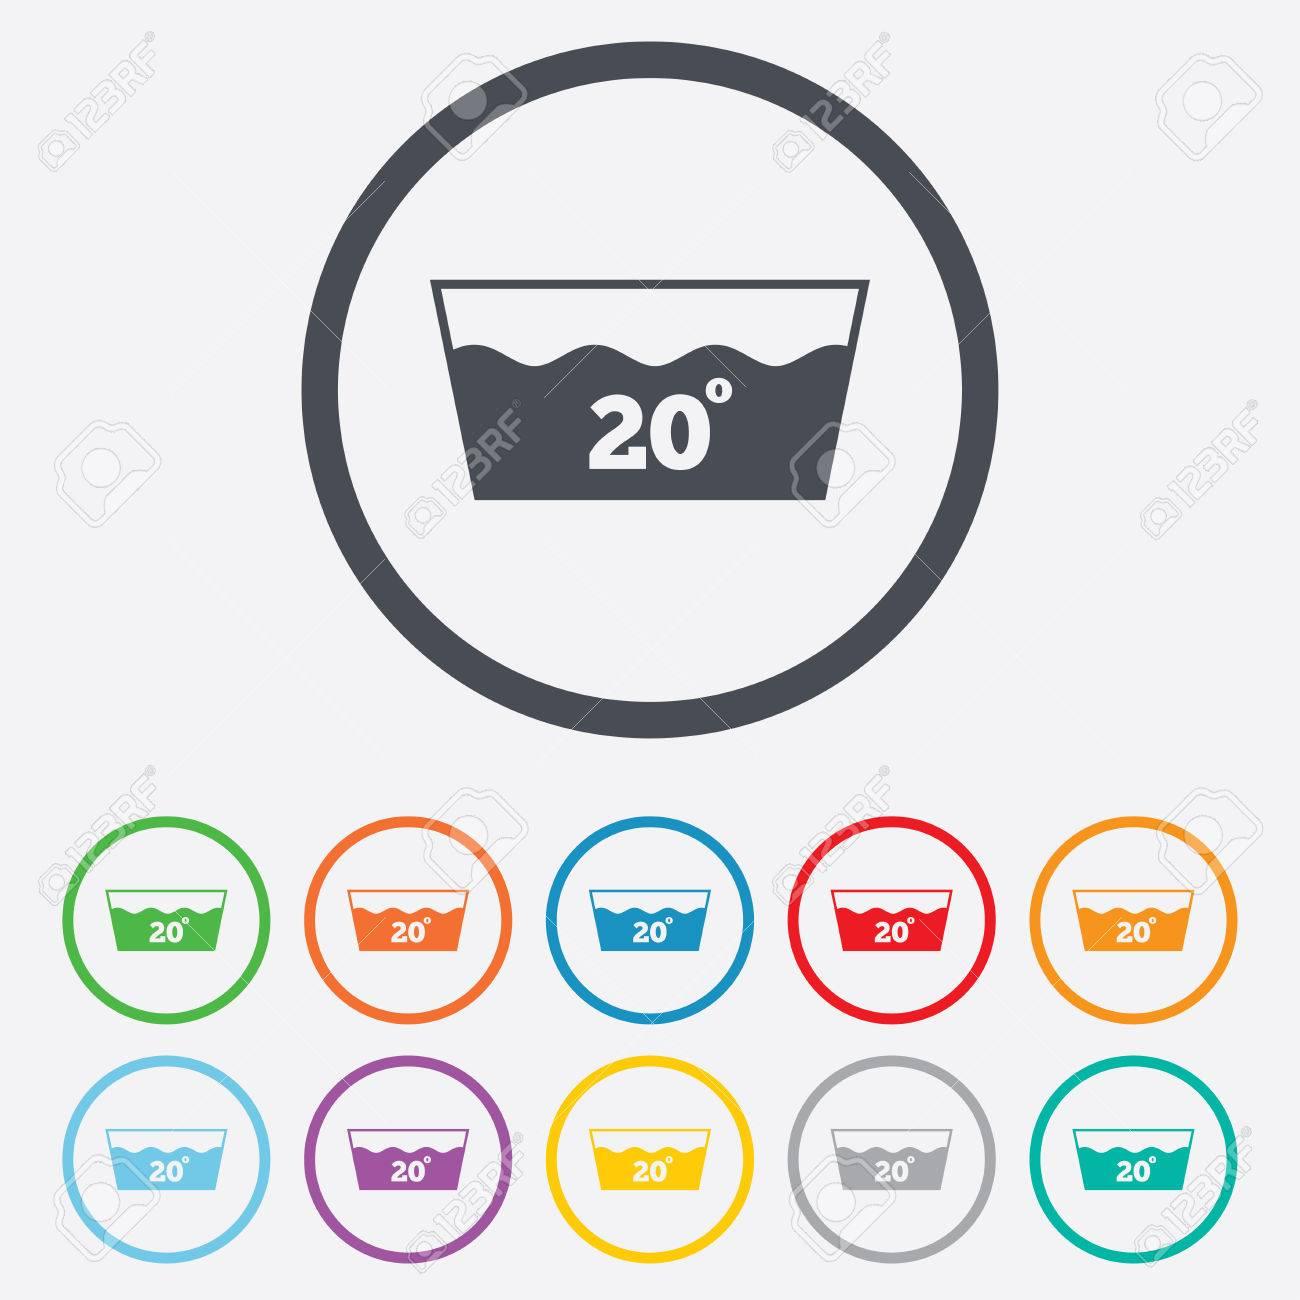 Wash-Symbol. Maschinenwäsche Bei 20 Grad-Symbol. Runde Kreis ...